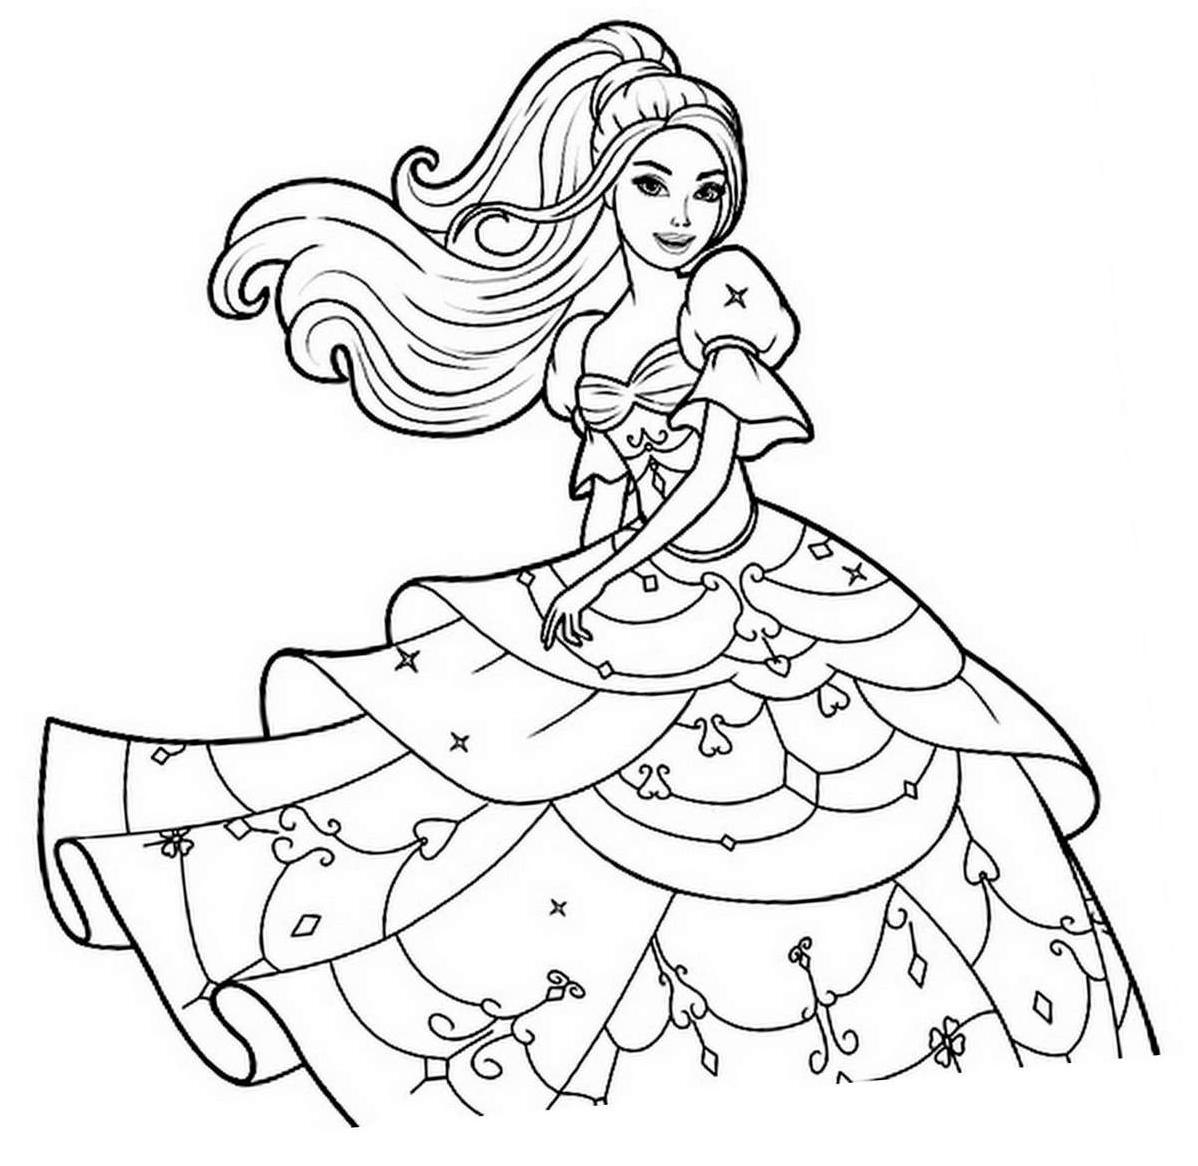 Dessin De Coloriage Barbie À Imprimer - Cp03061 intérieur Coloriage De Barbie À Imprimer